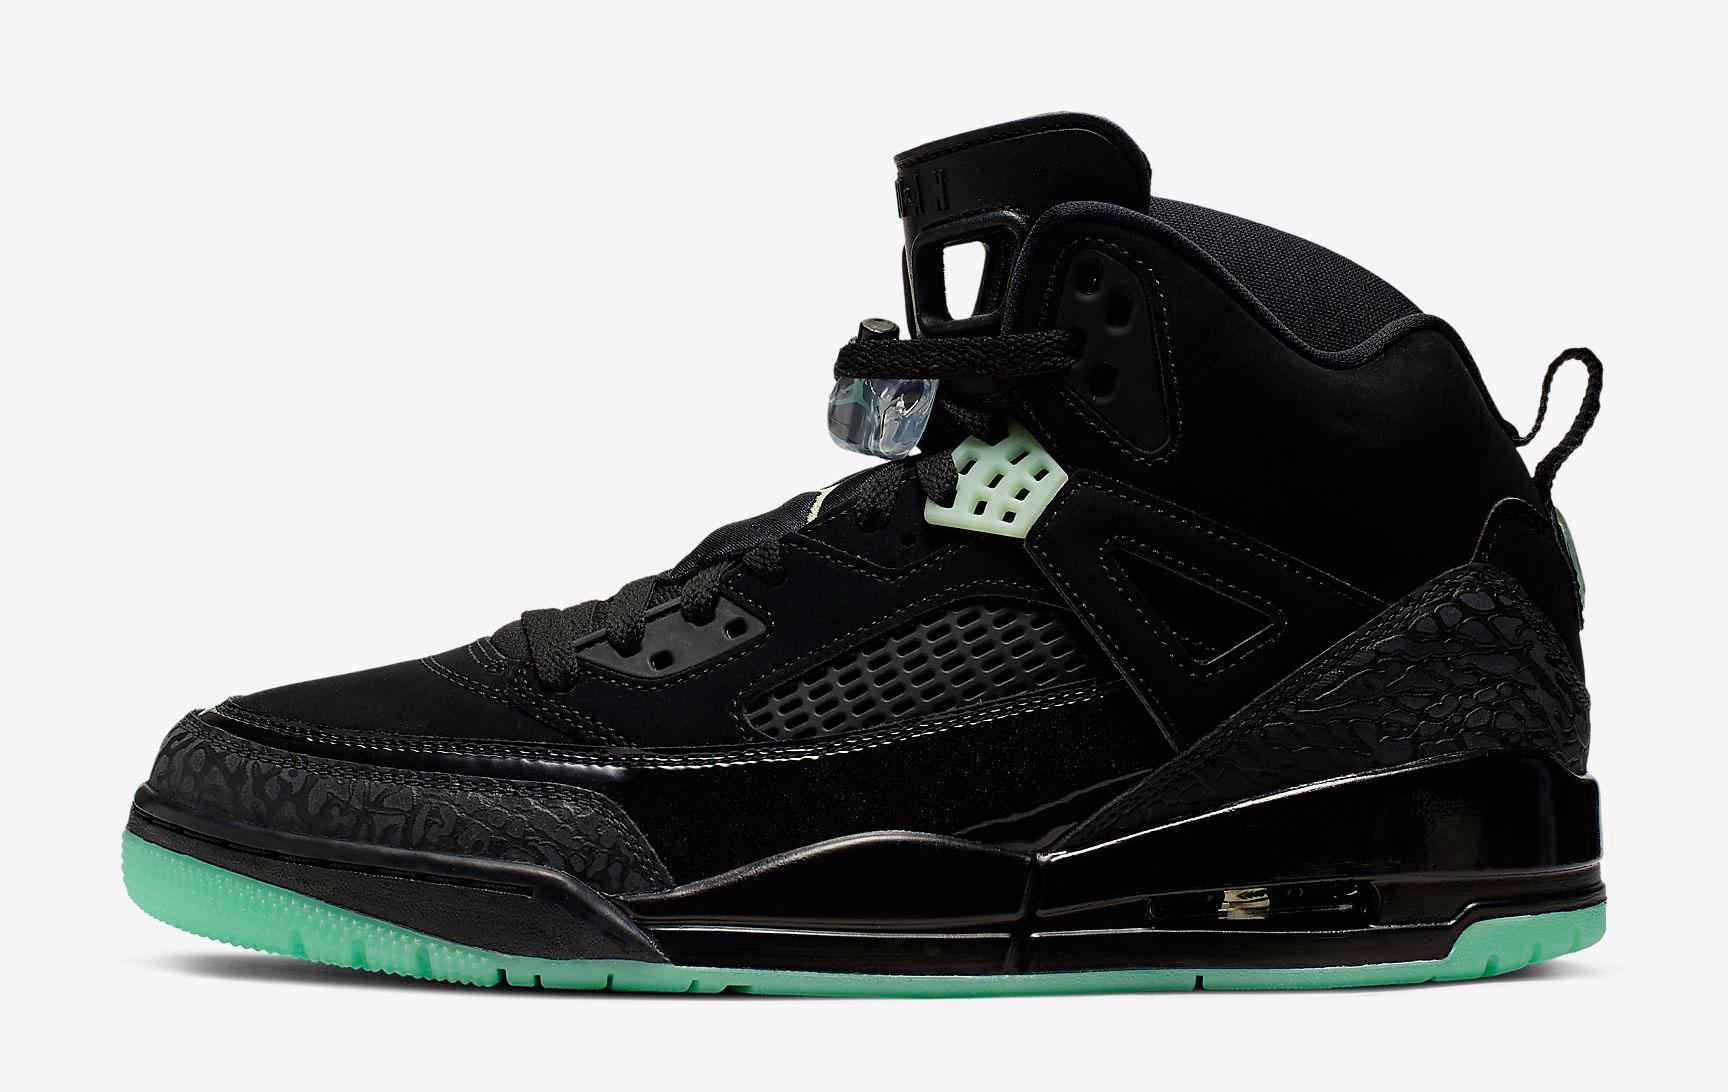 jordan-spizike-black-green-glow-release-date